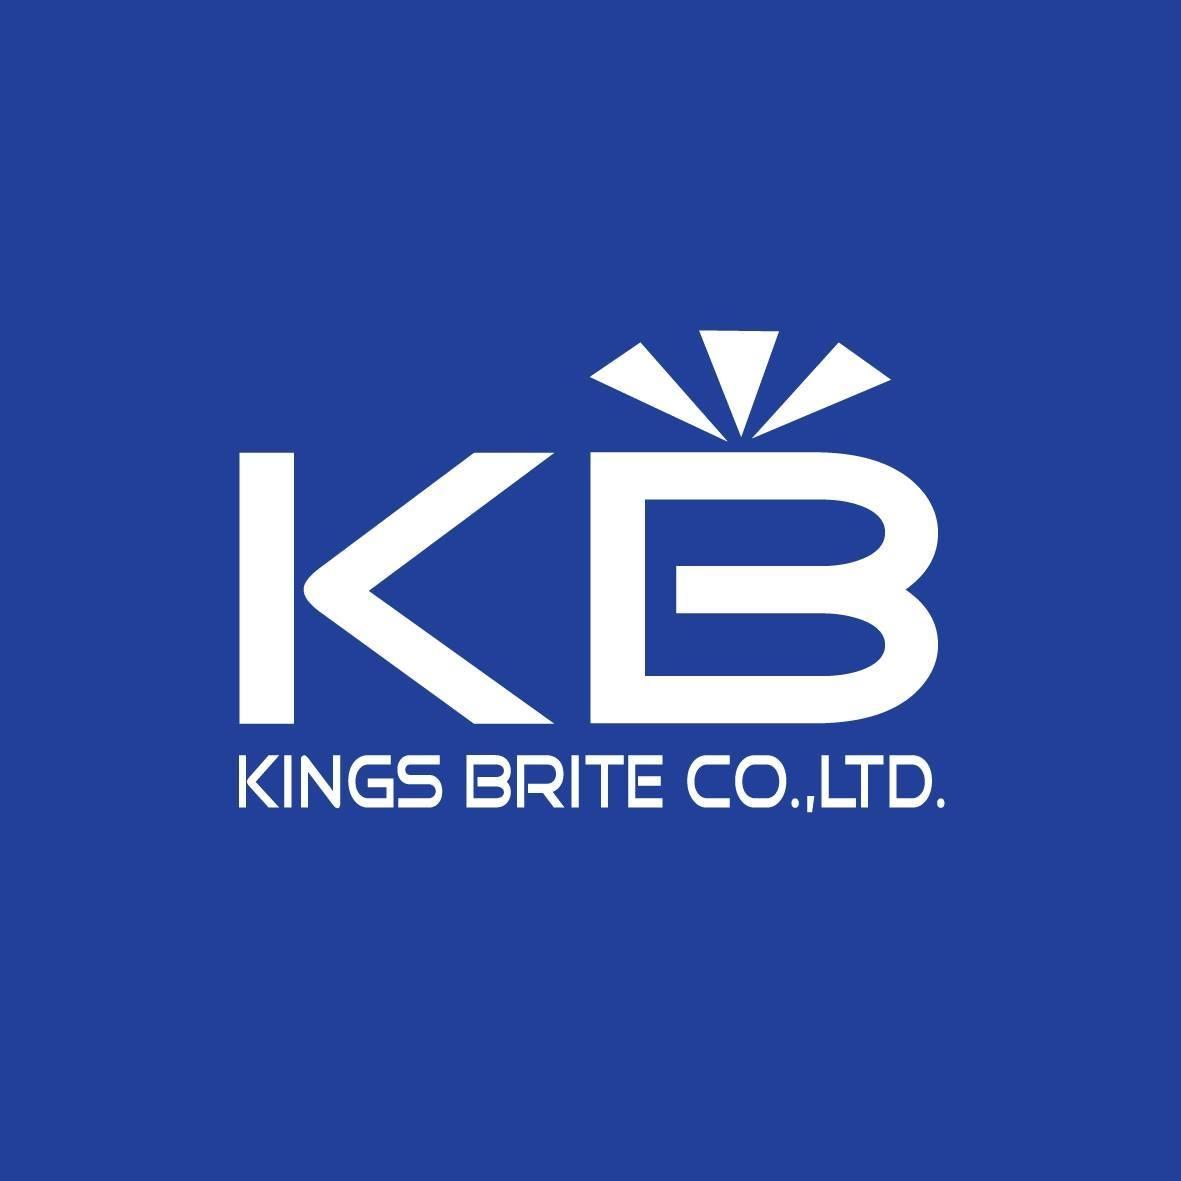 Kings Brite Co.,Ltd, บริษัท คิงส์ไบรท์ จำกัด